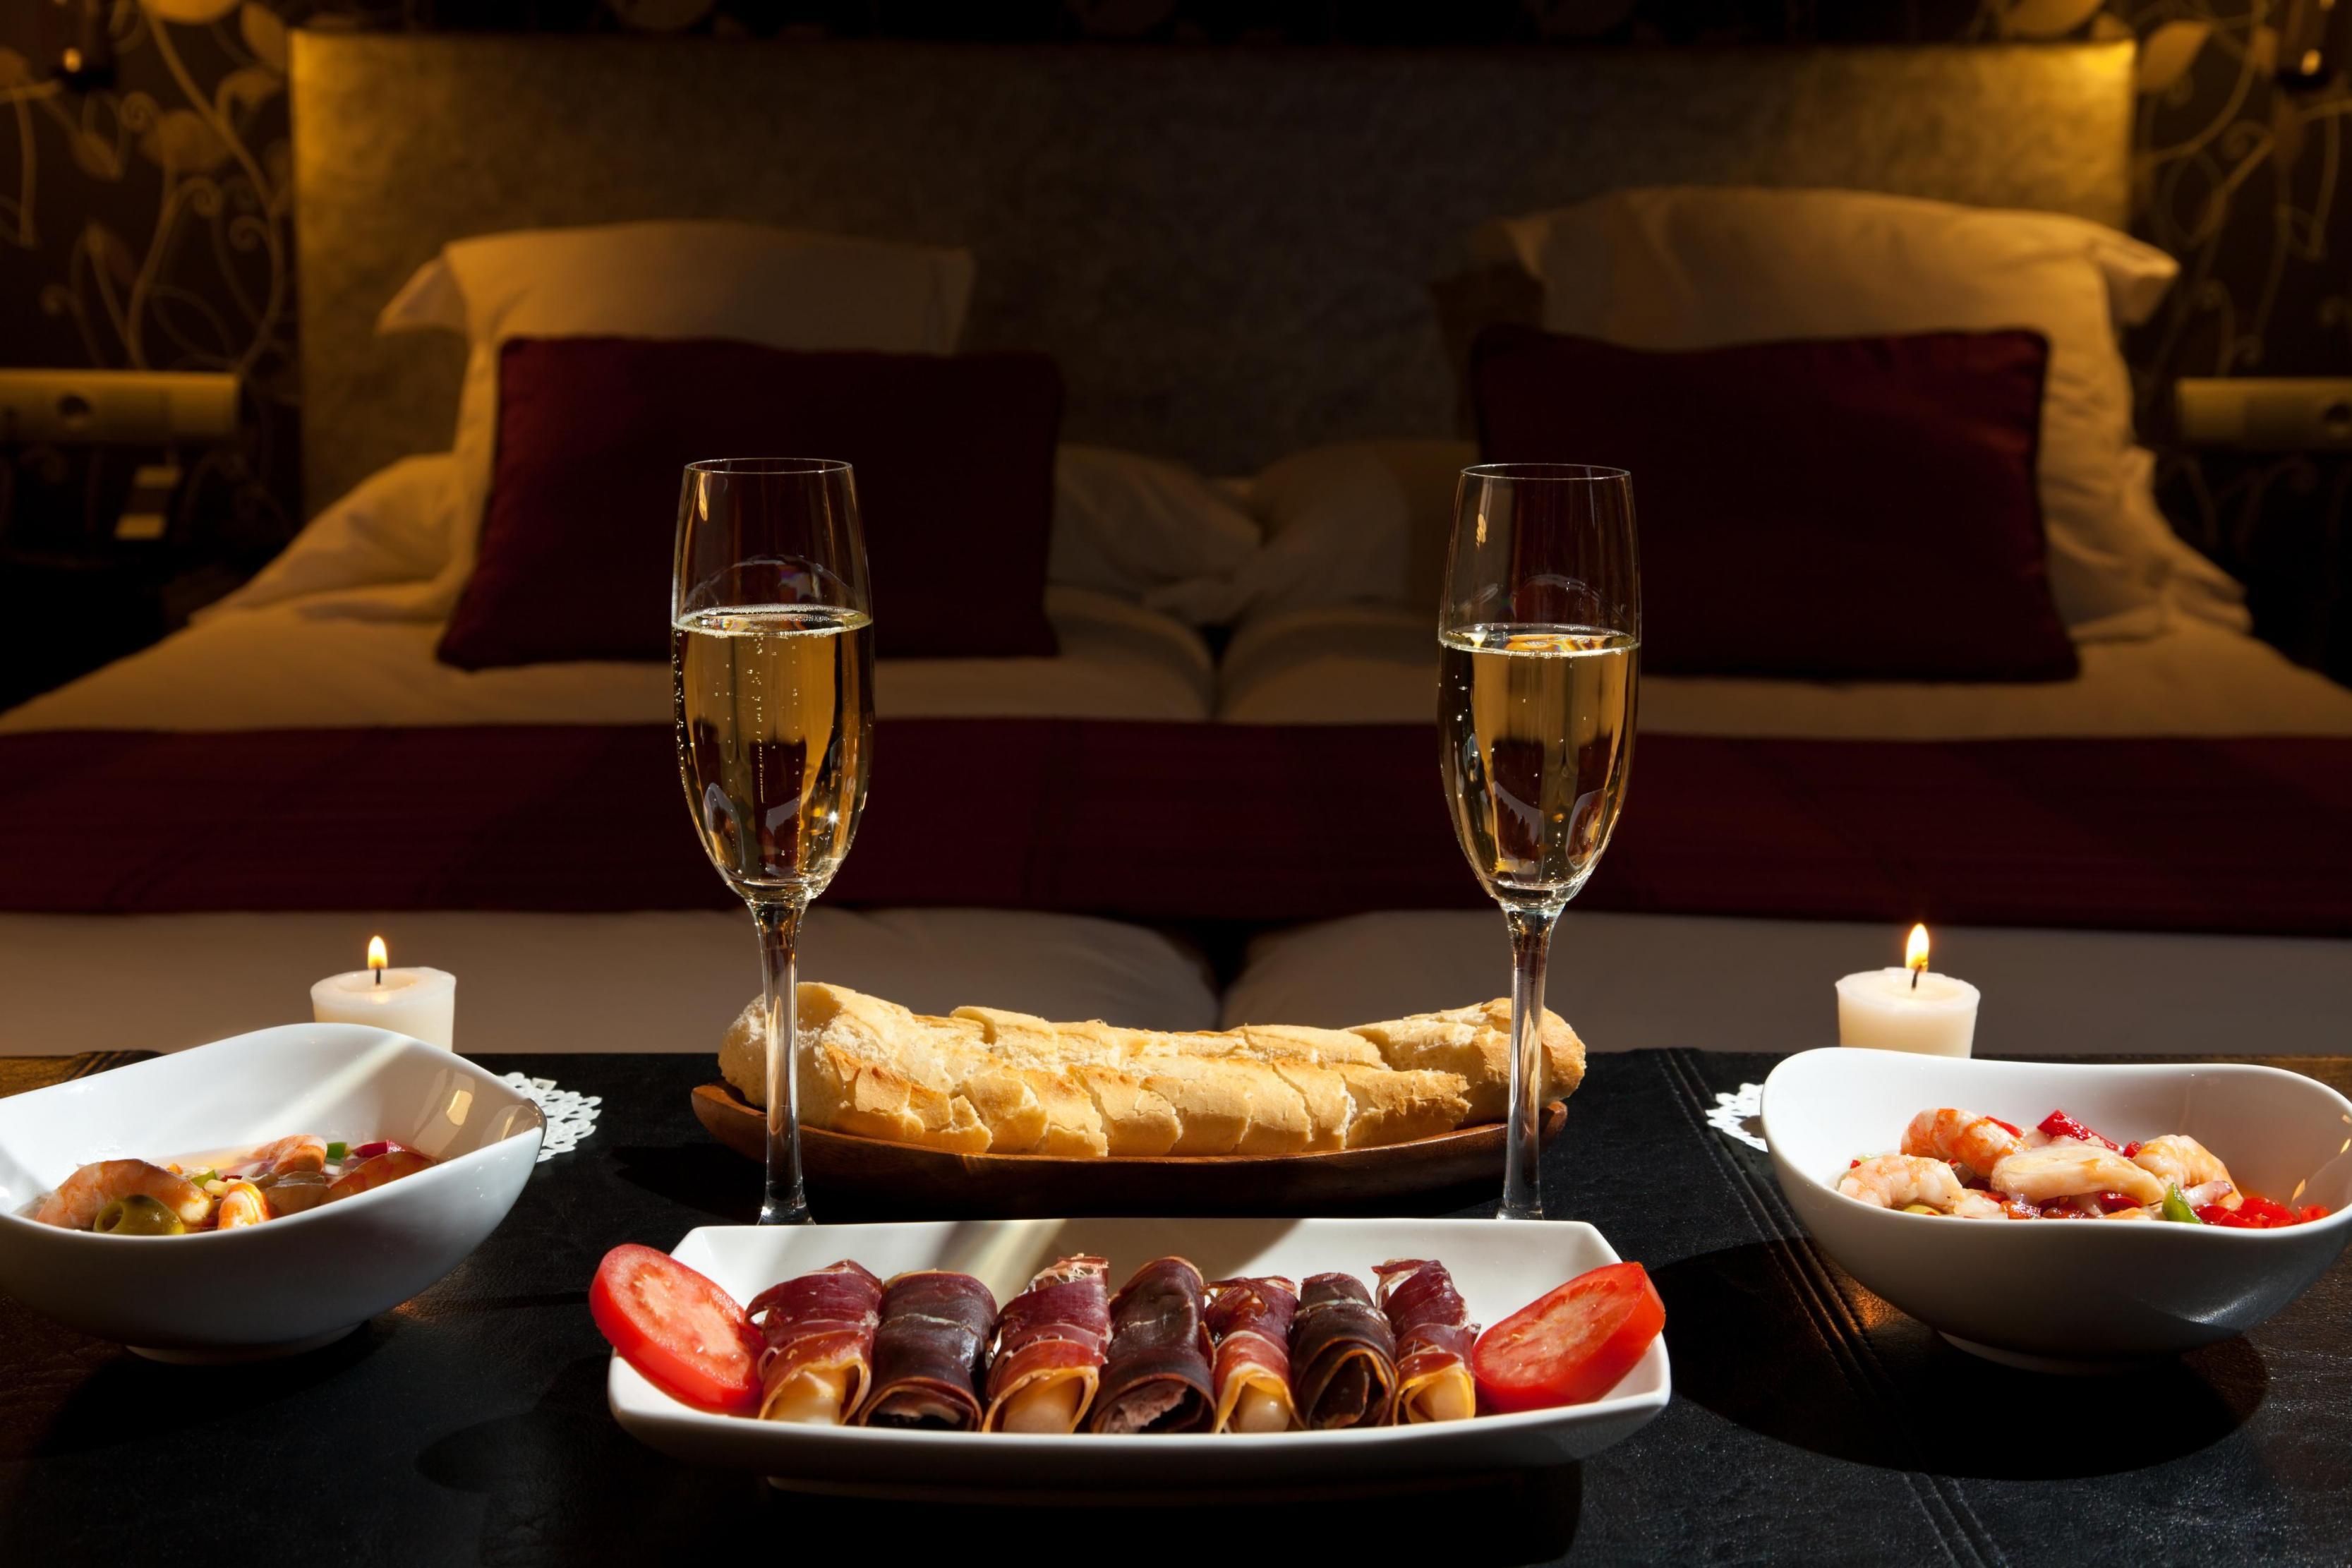 بالصور عشاء رومانسي في البيت , اروع عشاء رومانتيكي بين الزوجين 6711 6